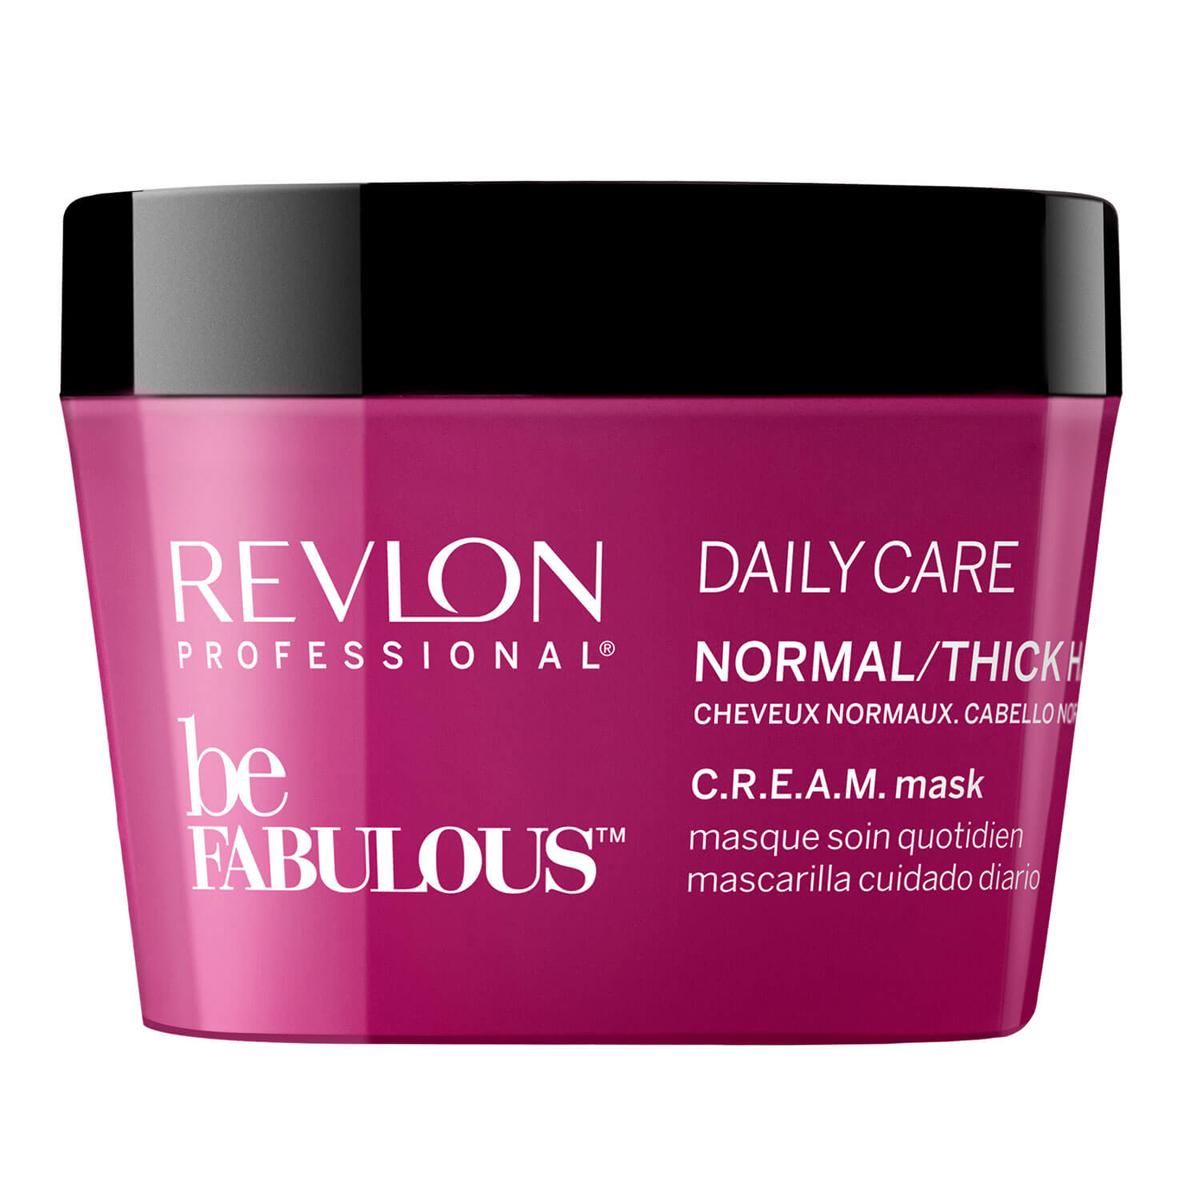 Revlon Professional Be Fabulous C.R.E.A.M. Mask For Normal Thick Hair Маска для нормальных/густых волос, 200 мл7222472000Универсальная питающая маска для нормальных или густых волос испанского бренда Revlon Professioanal. Предназначена для питающего ухода, обладает мультиухаживающим эффектом: обеспечивает сохранение цвета, восстановление, блеск, антивозрастной эффект и увлажнение. Не утяжеляет и не склеивает волосы. Облегчает процесс расчесывания и укладки.Применение: нанести маску для нормальных и густых волос Revlon по всей длине волос, оставить на 3-5 минут, тщательно промыть теплой водой. Для достижения эффекта профессионально ухоженных сияющих волос рекомендуется дополнительное использование очищающего шампуня и кондиционера для нормальных или густых волос серии Be Fabulous Cream Revlon.Объем: 200 мл